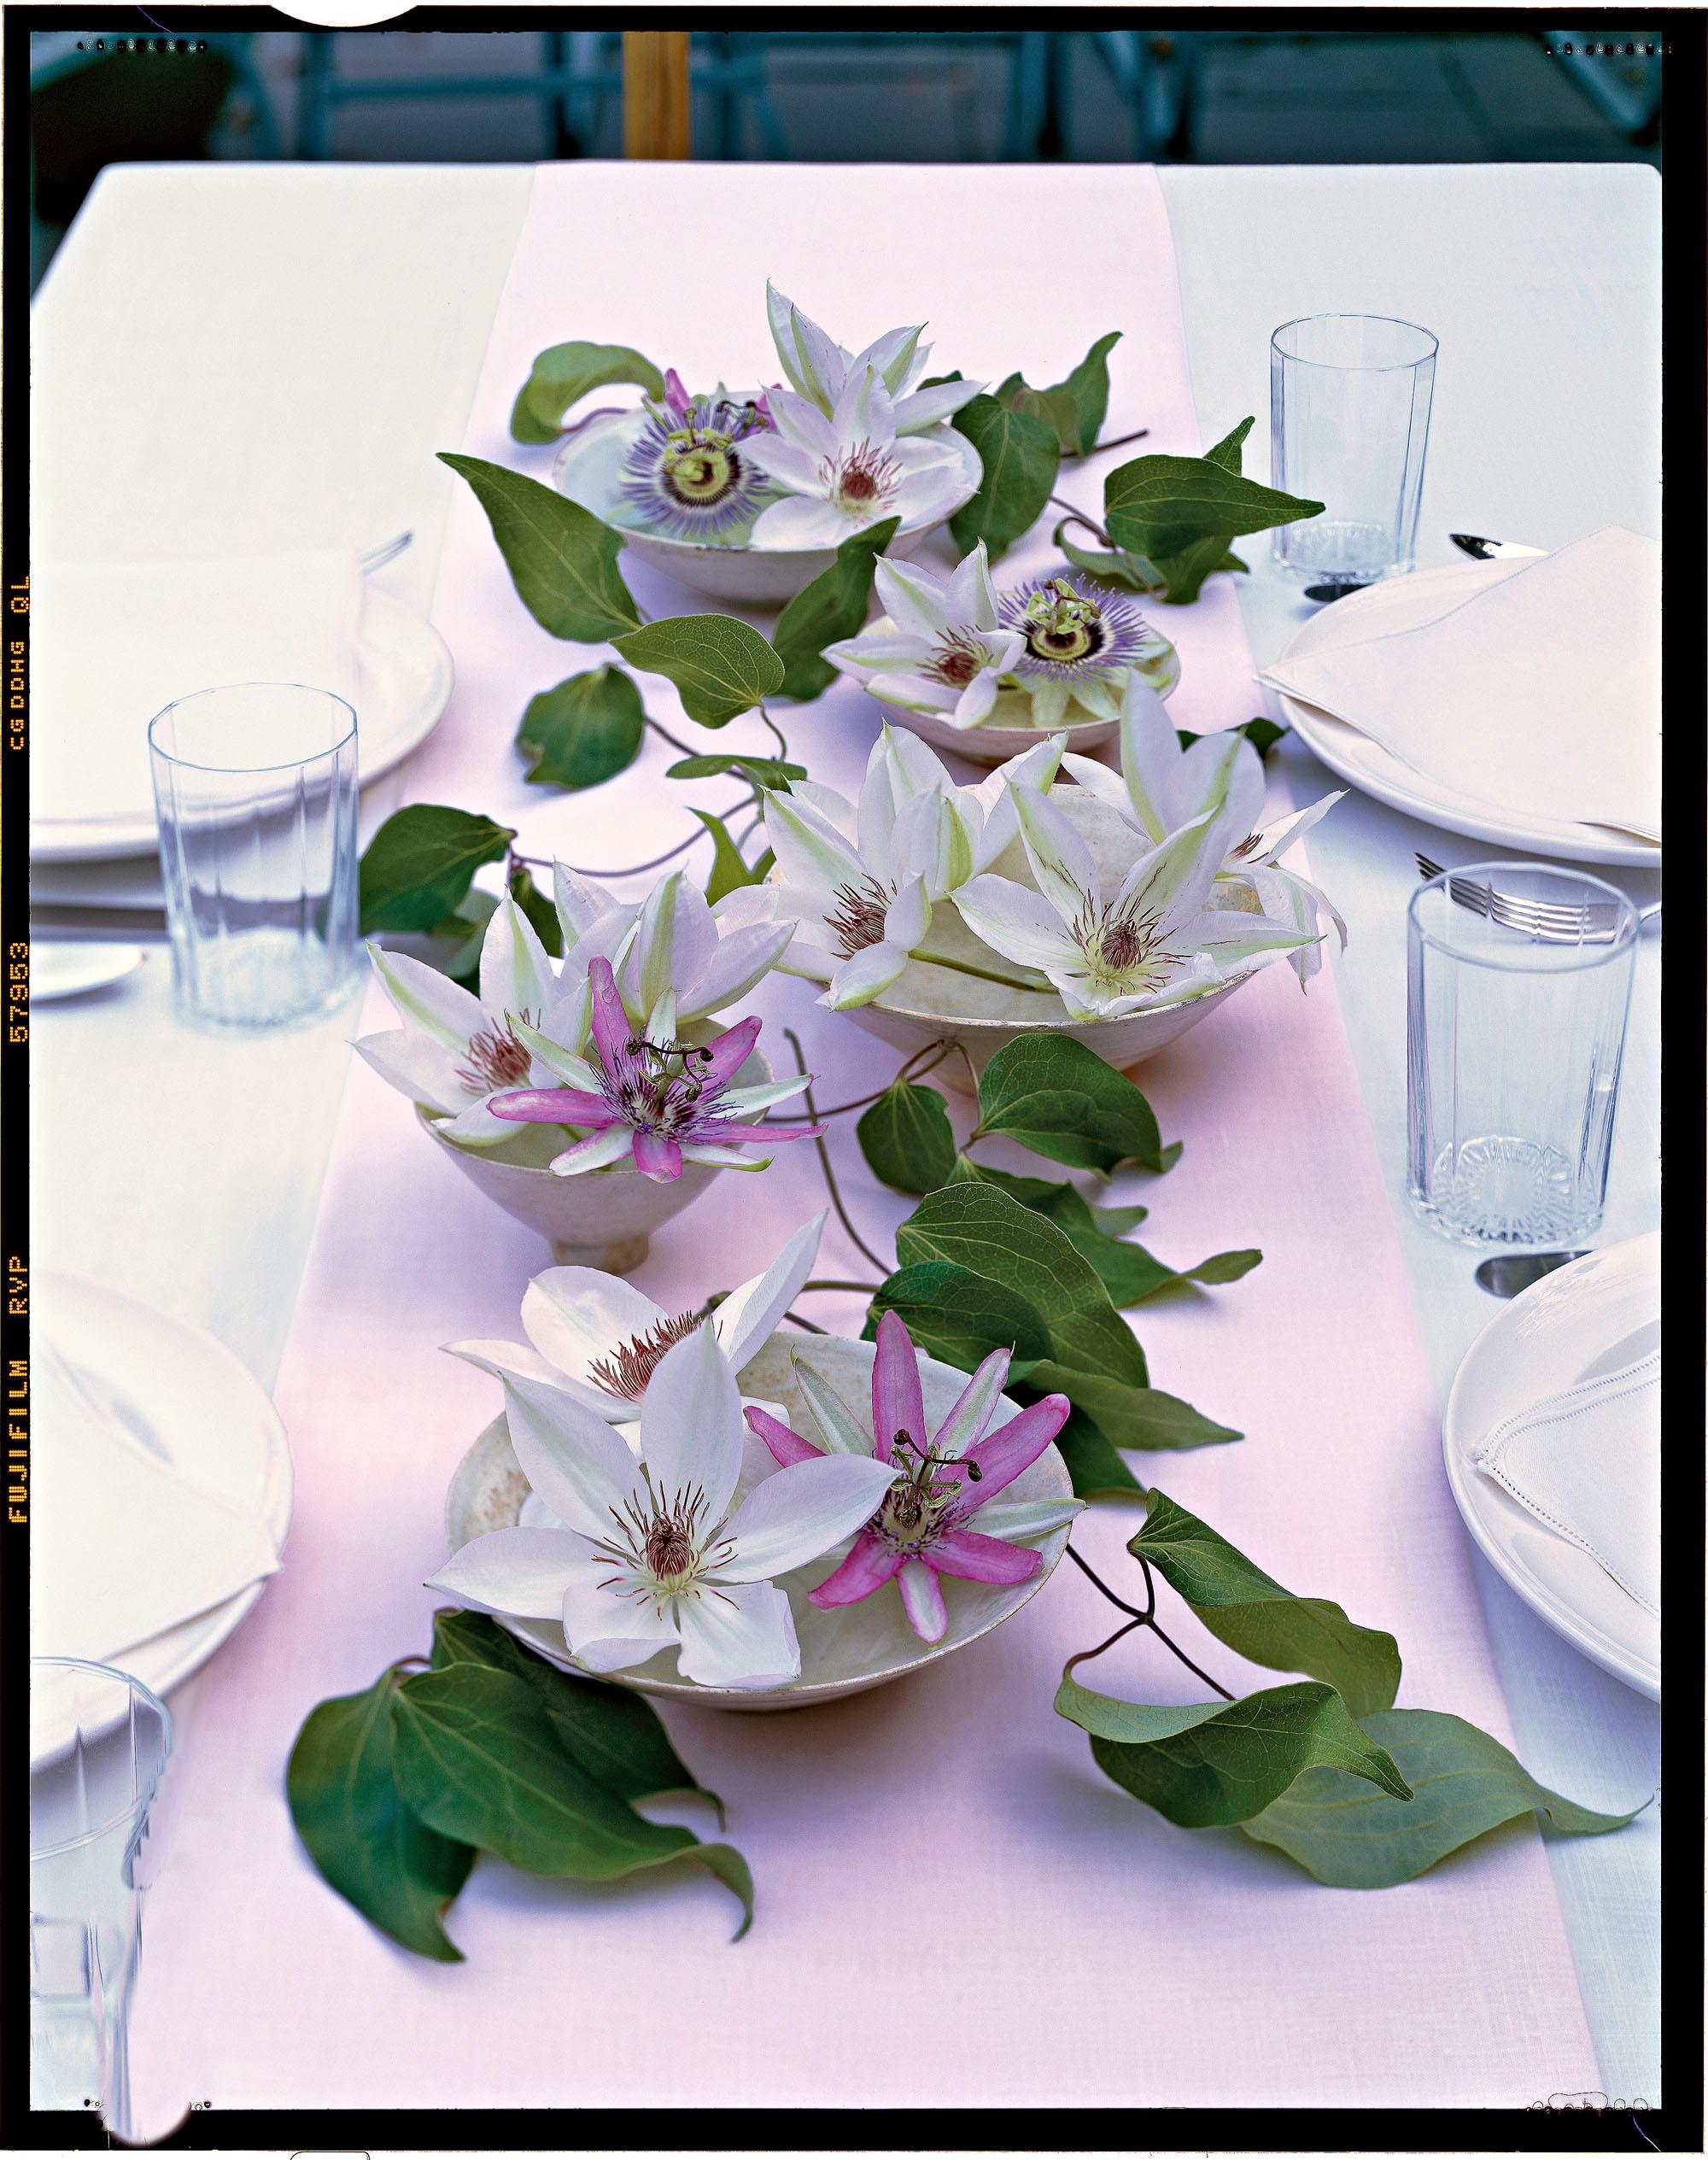 flower arrangement clematis blooms